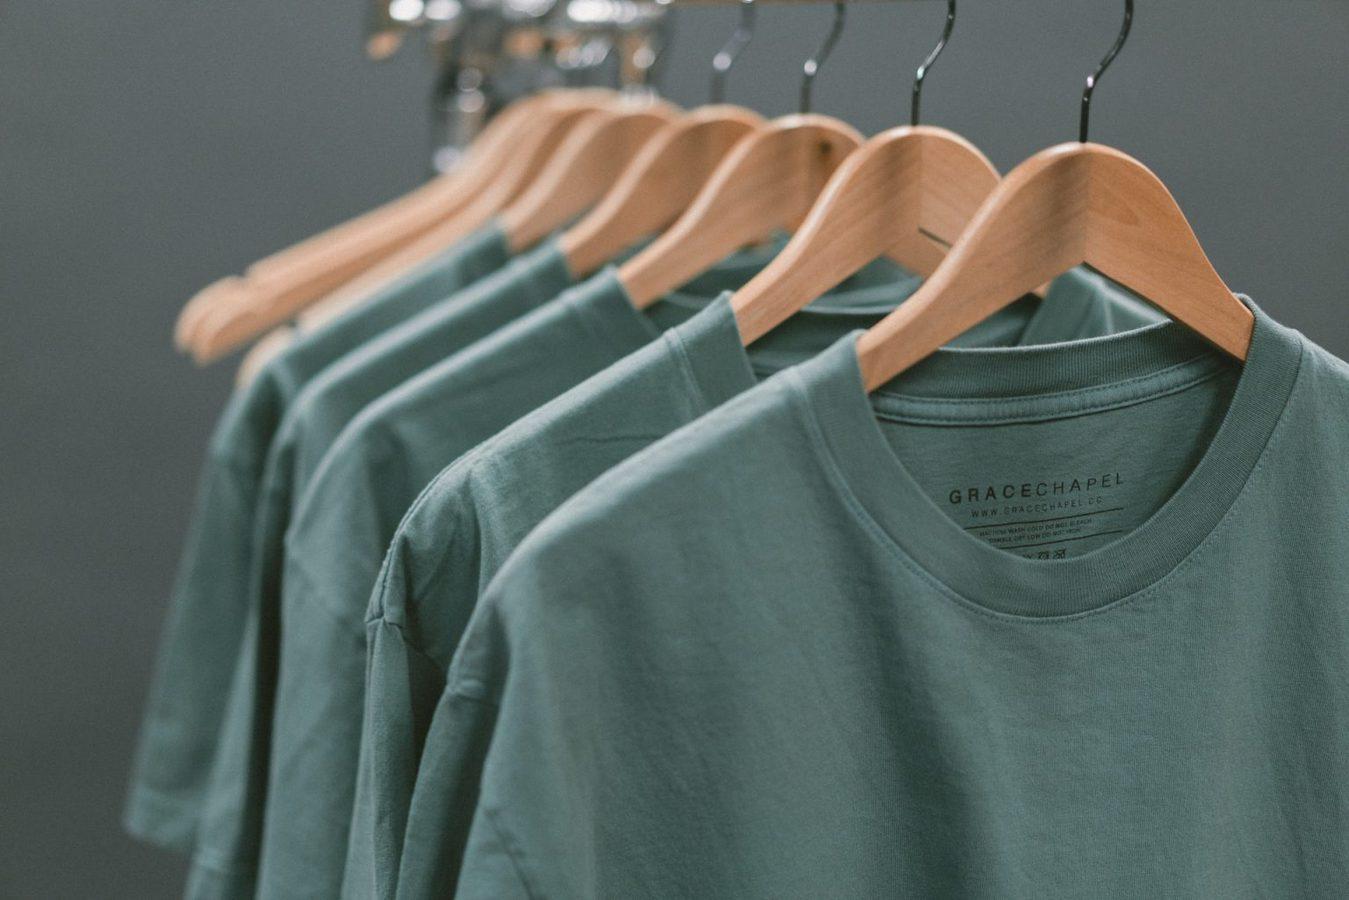 Green tshirts hanging closeup